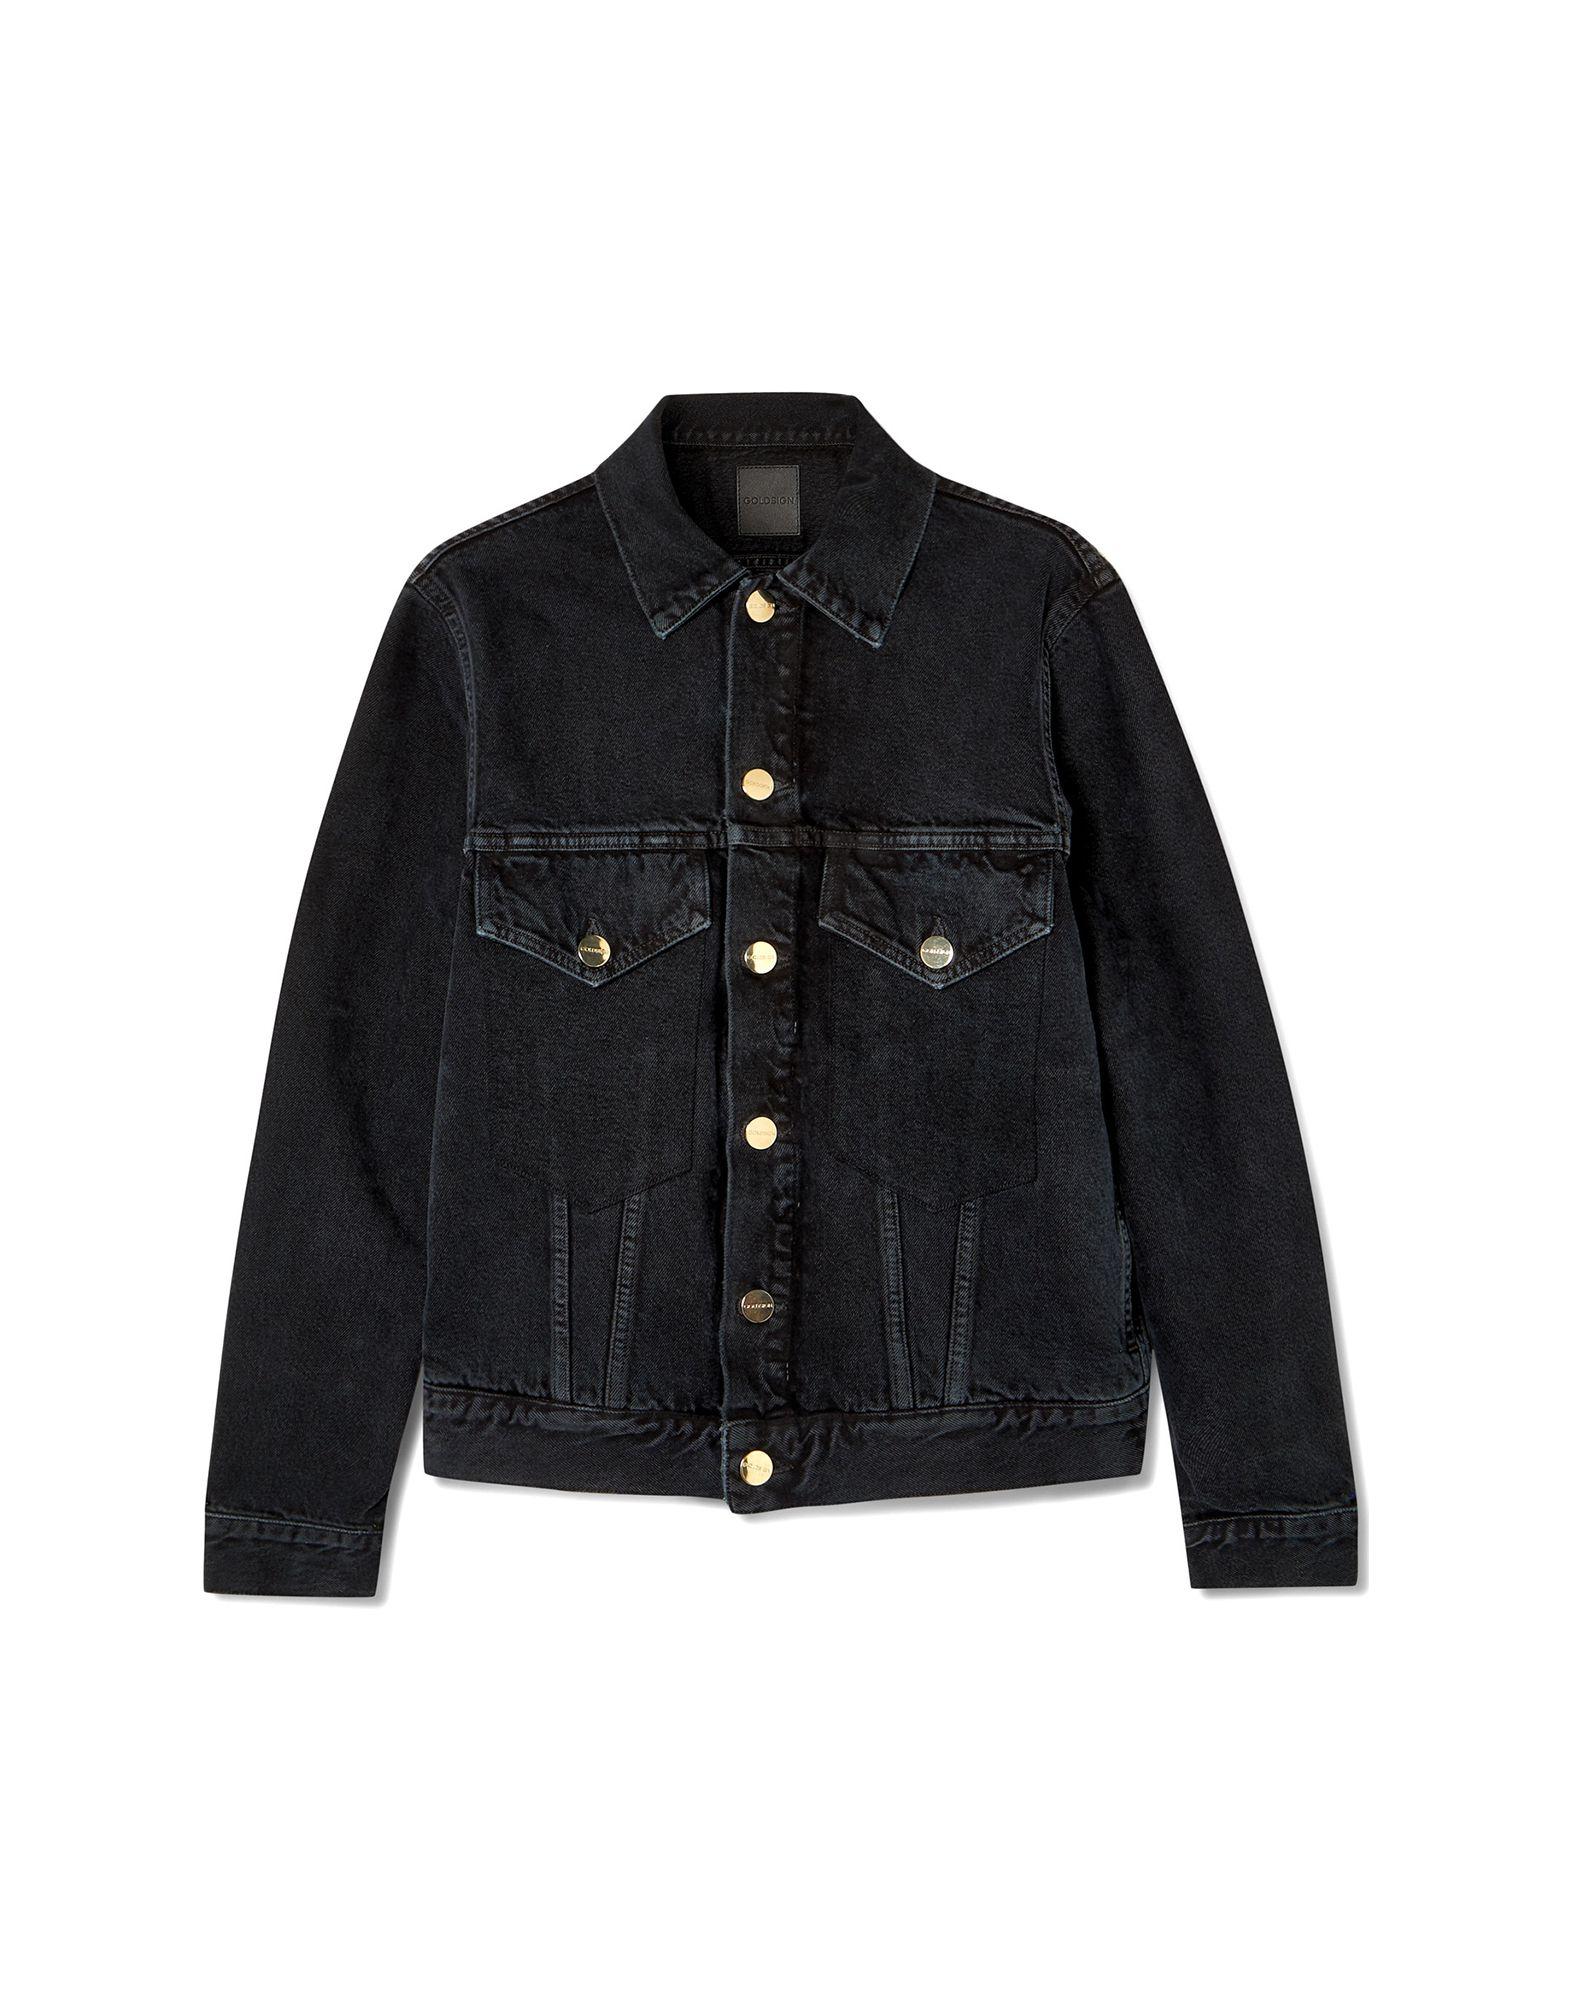 Фото - GOLDSIGN Джинсовая верхняя одежда goldsign джинсовая верхняя одежда